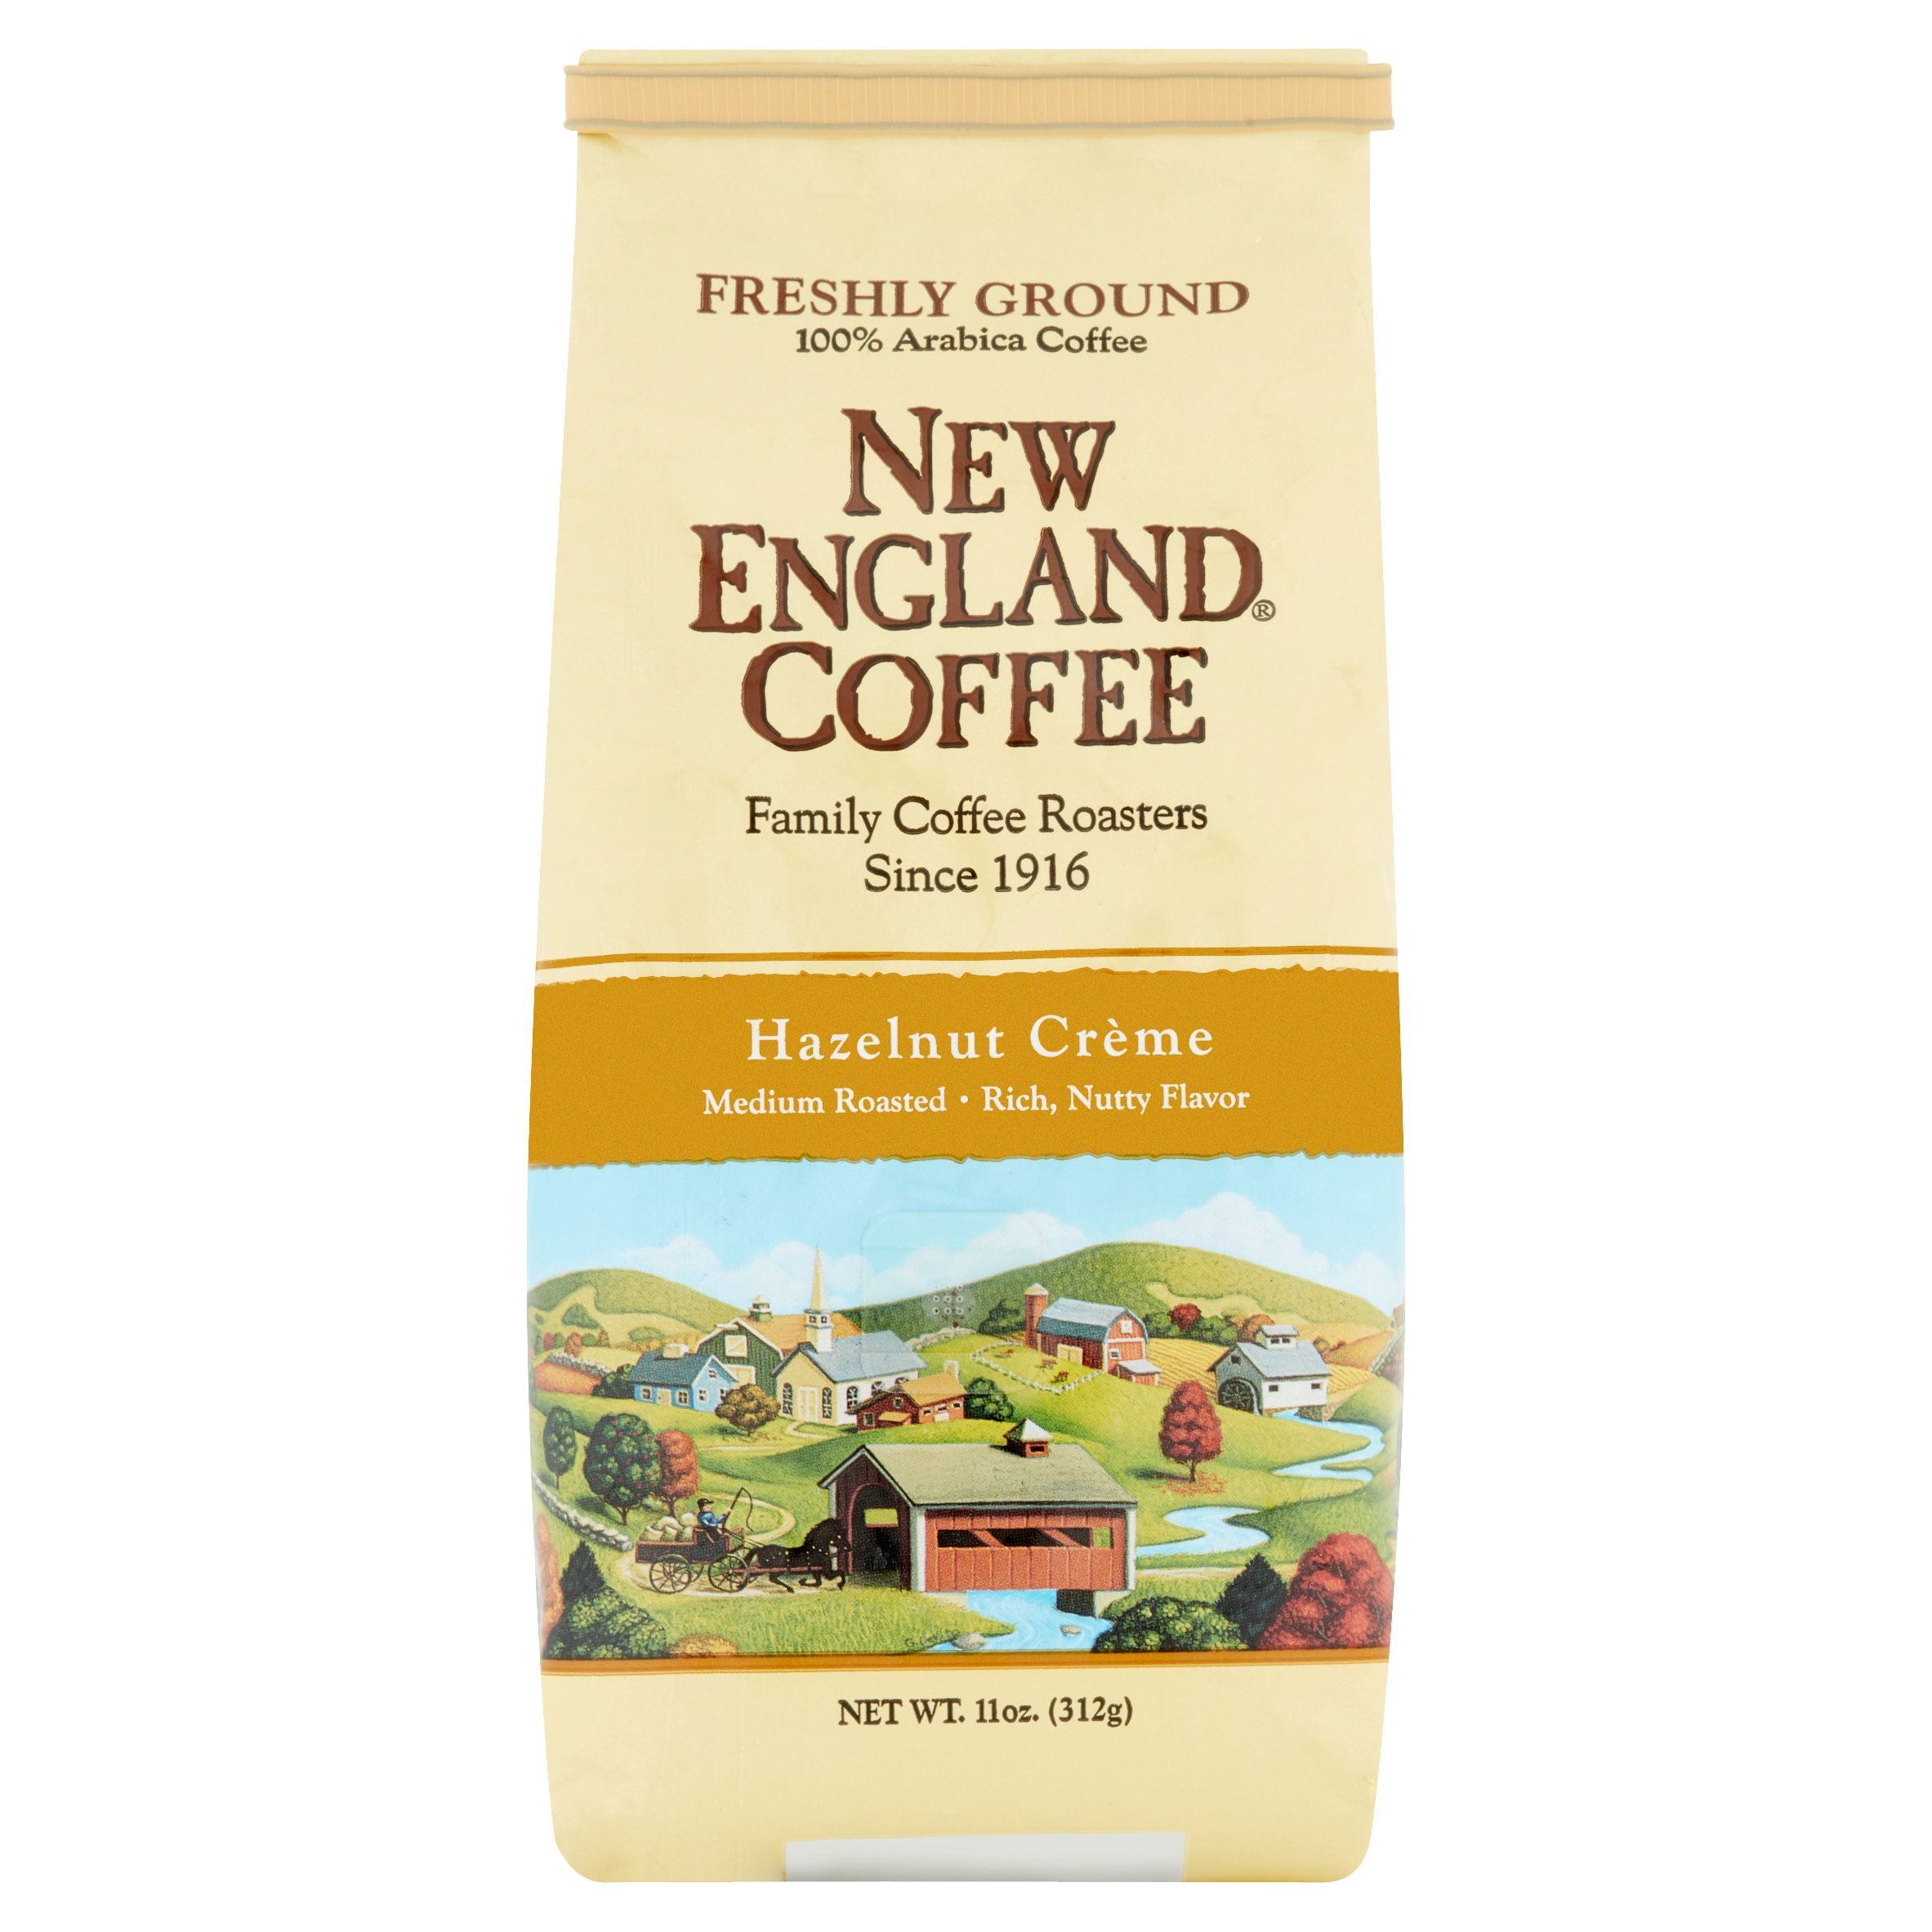 New England Coffee Ground Coffee, Hazelnut Crème, 11 Oz   Walmart.com